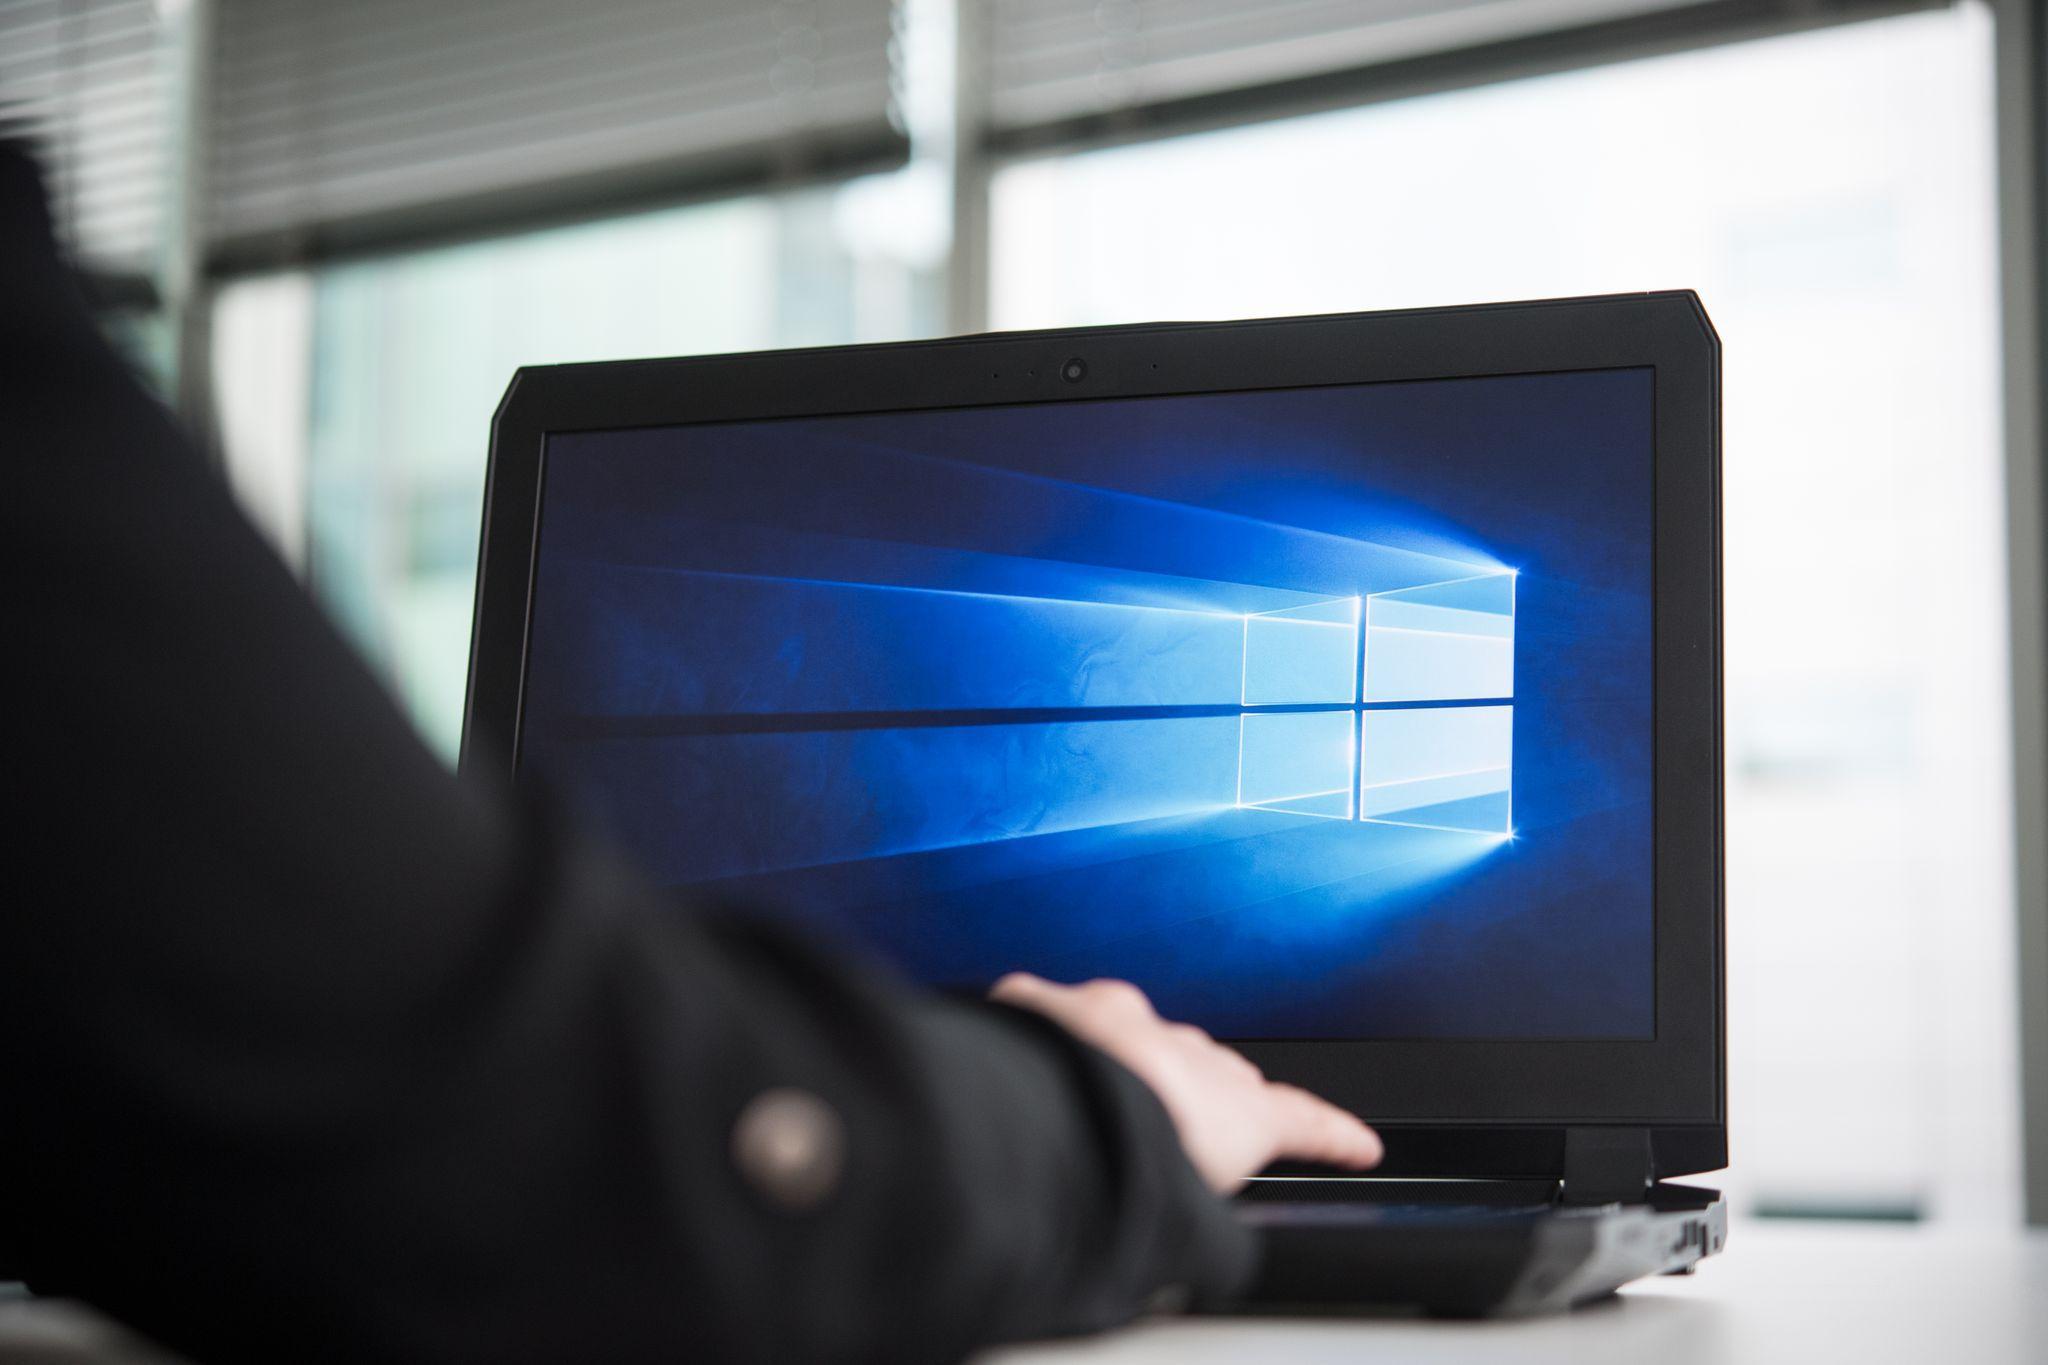 ILUSTRACIÓN - Los programas antivirus, como el Microsoft Defender que viene con Windows 10, ofrecen protección contra troyanos, programas espía y otras amenazas de Internet. Foto: Robert Günther/dpa